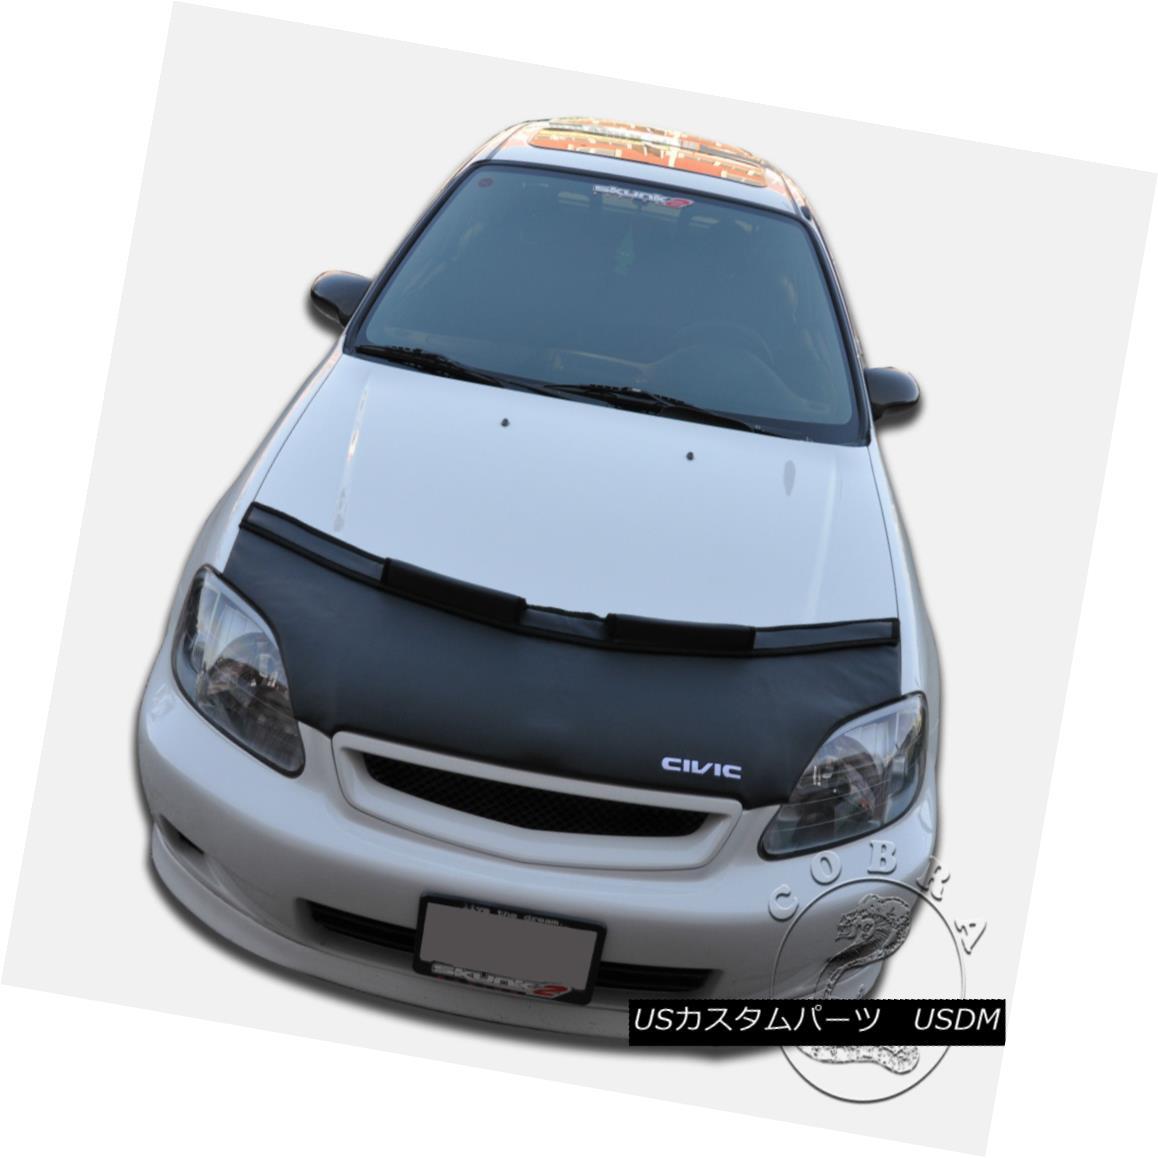 フルブラ ノーズブラ Car Bonnet Mask Hood Bra + CIVIC LOGO Fits Honda Civic 1999 2000 99 00 EK カーボンネットマスクフードブラジャー+シビックロゴフィットホンダシビック1999 2000 99 00 EK